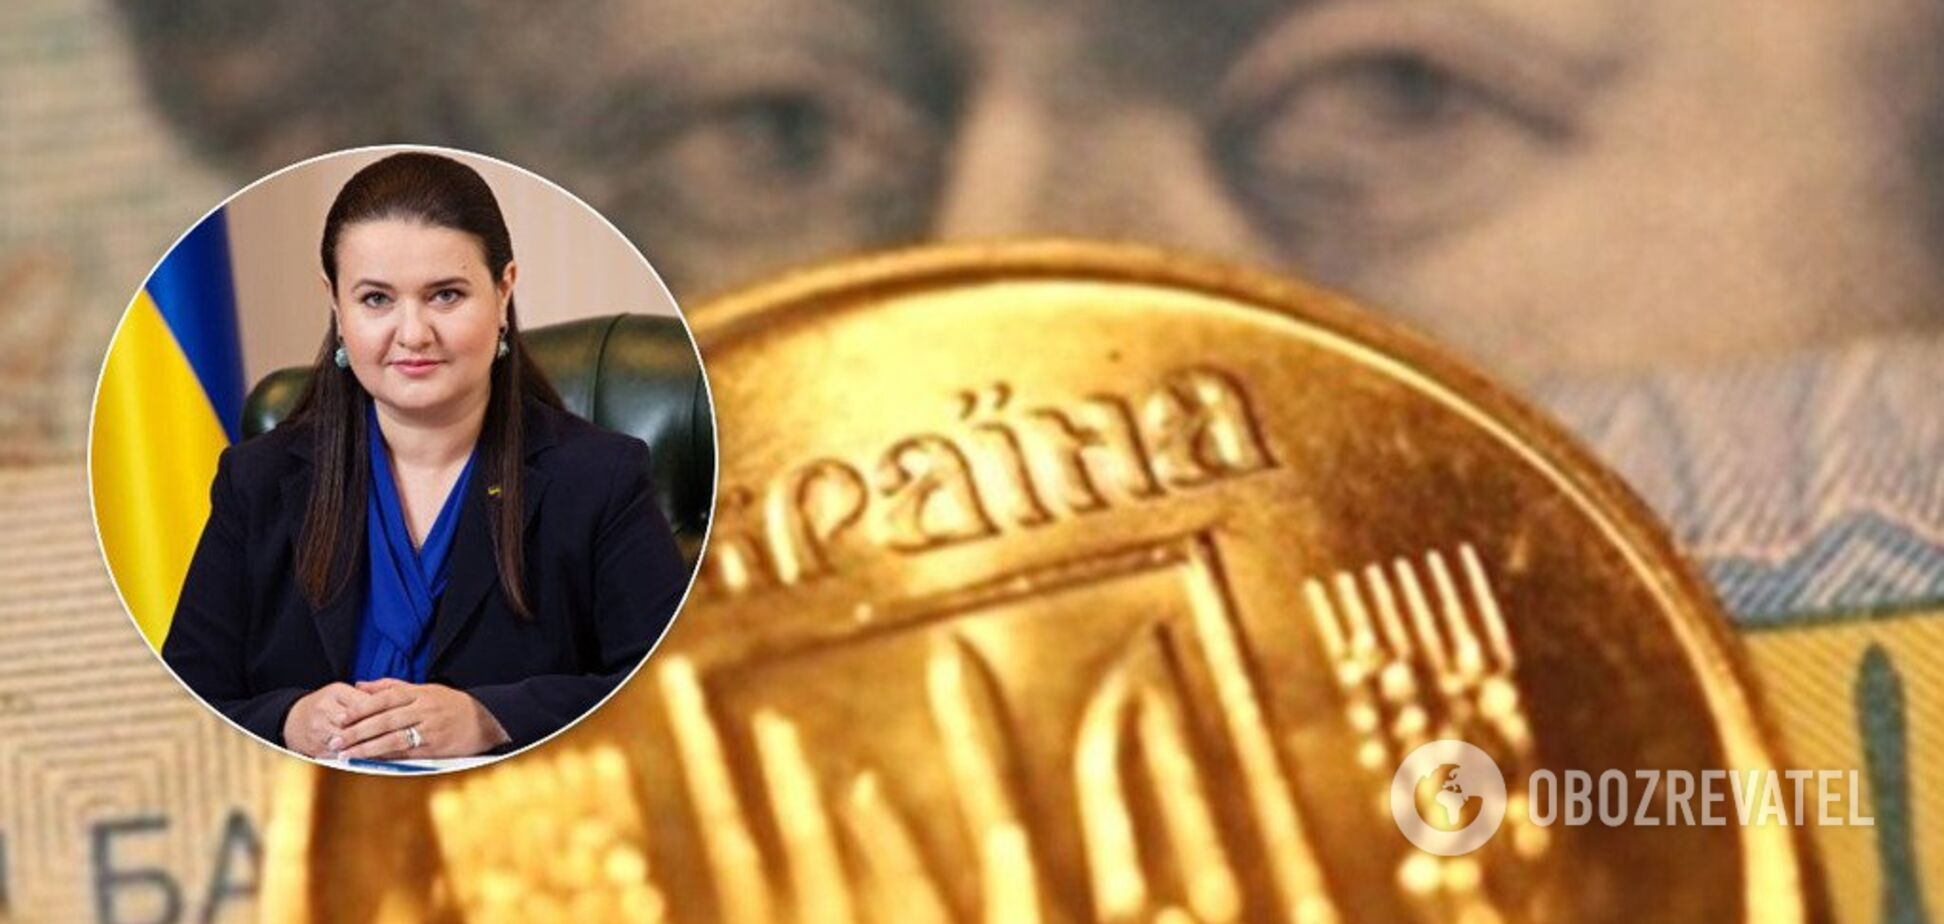 Новий долар, по 10 тисяч за держборг і скромні пенсії: головне з проєкту бюджету-2020